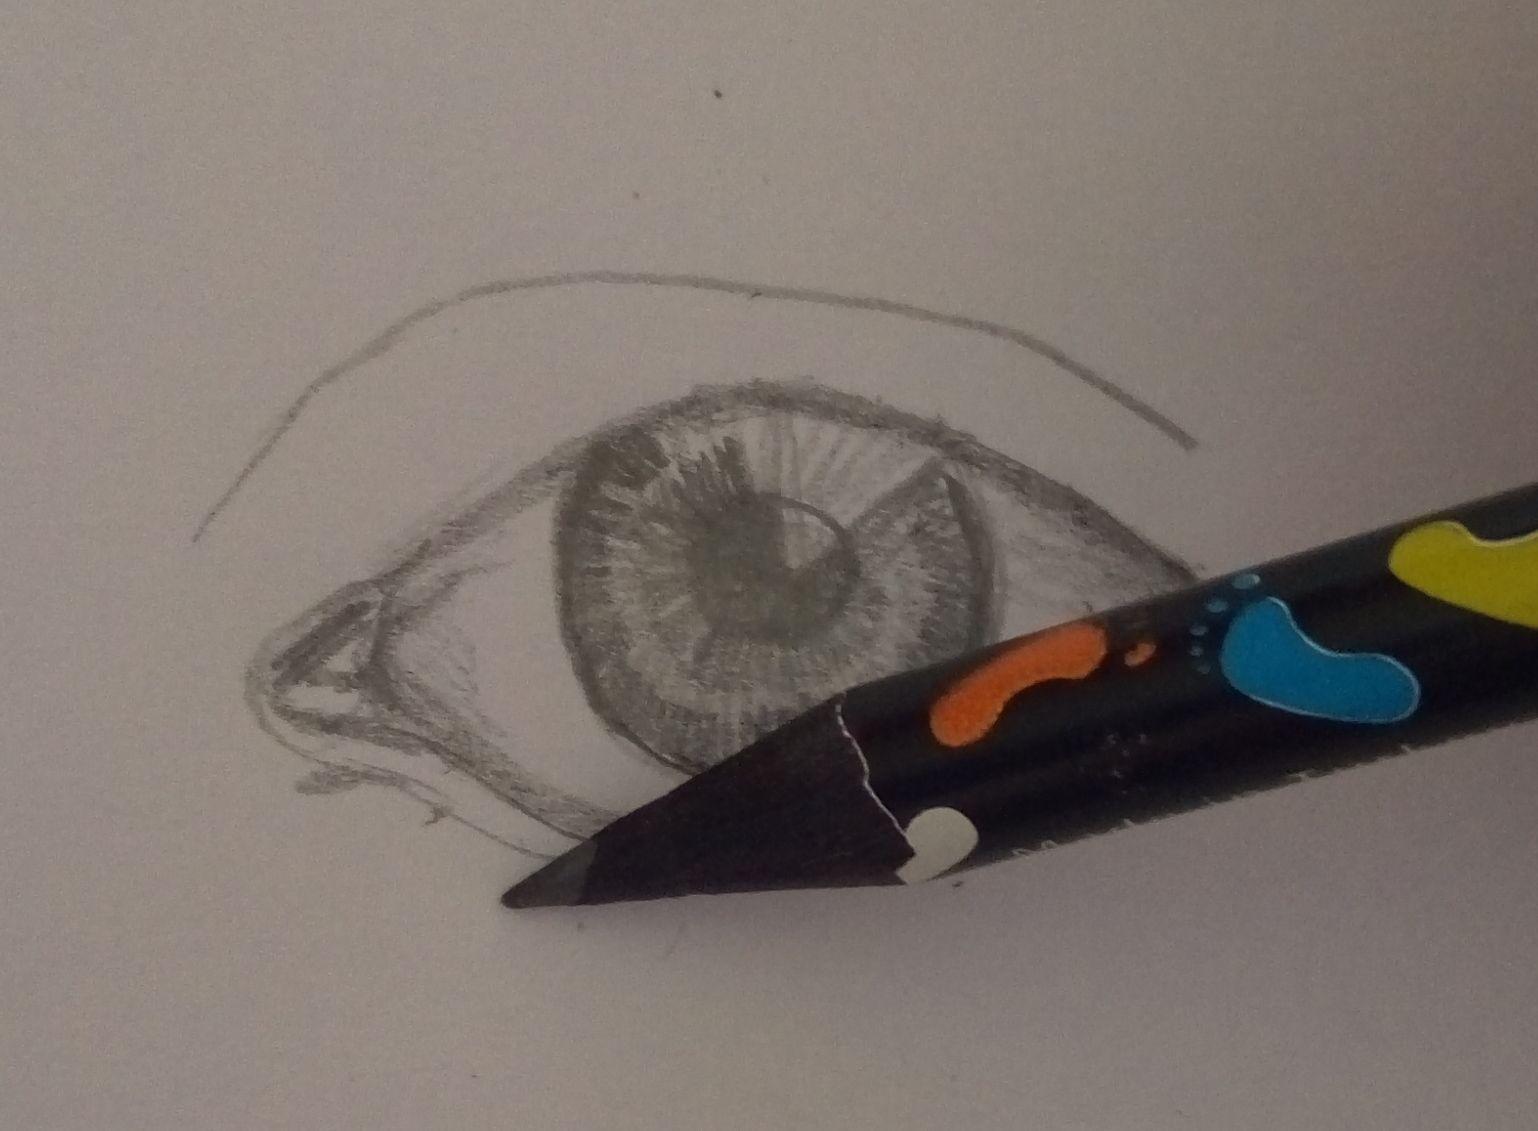 szczegóły oczu